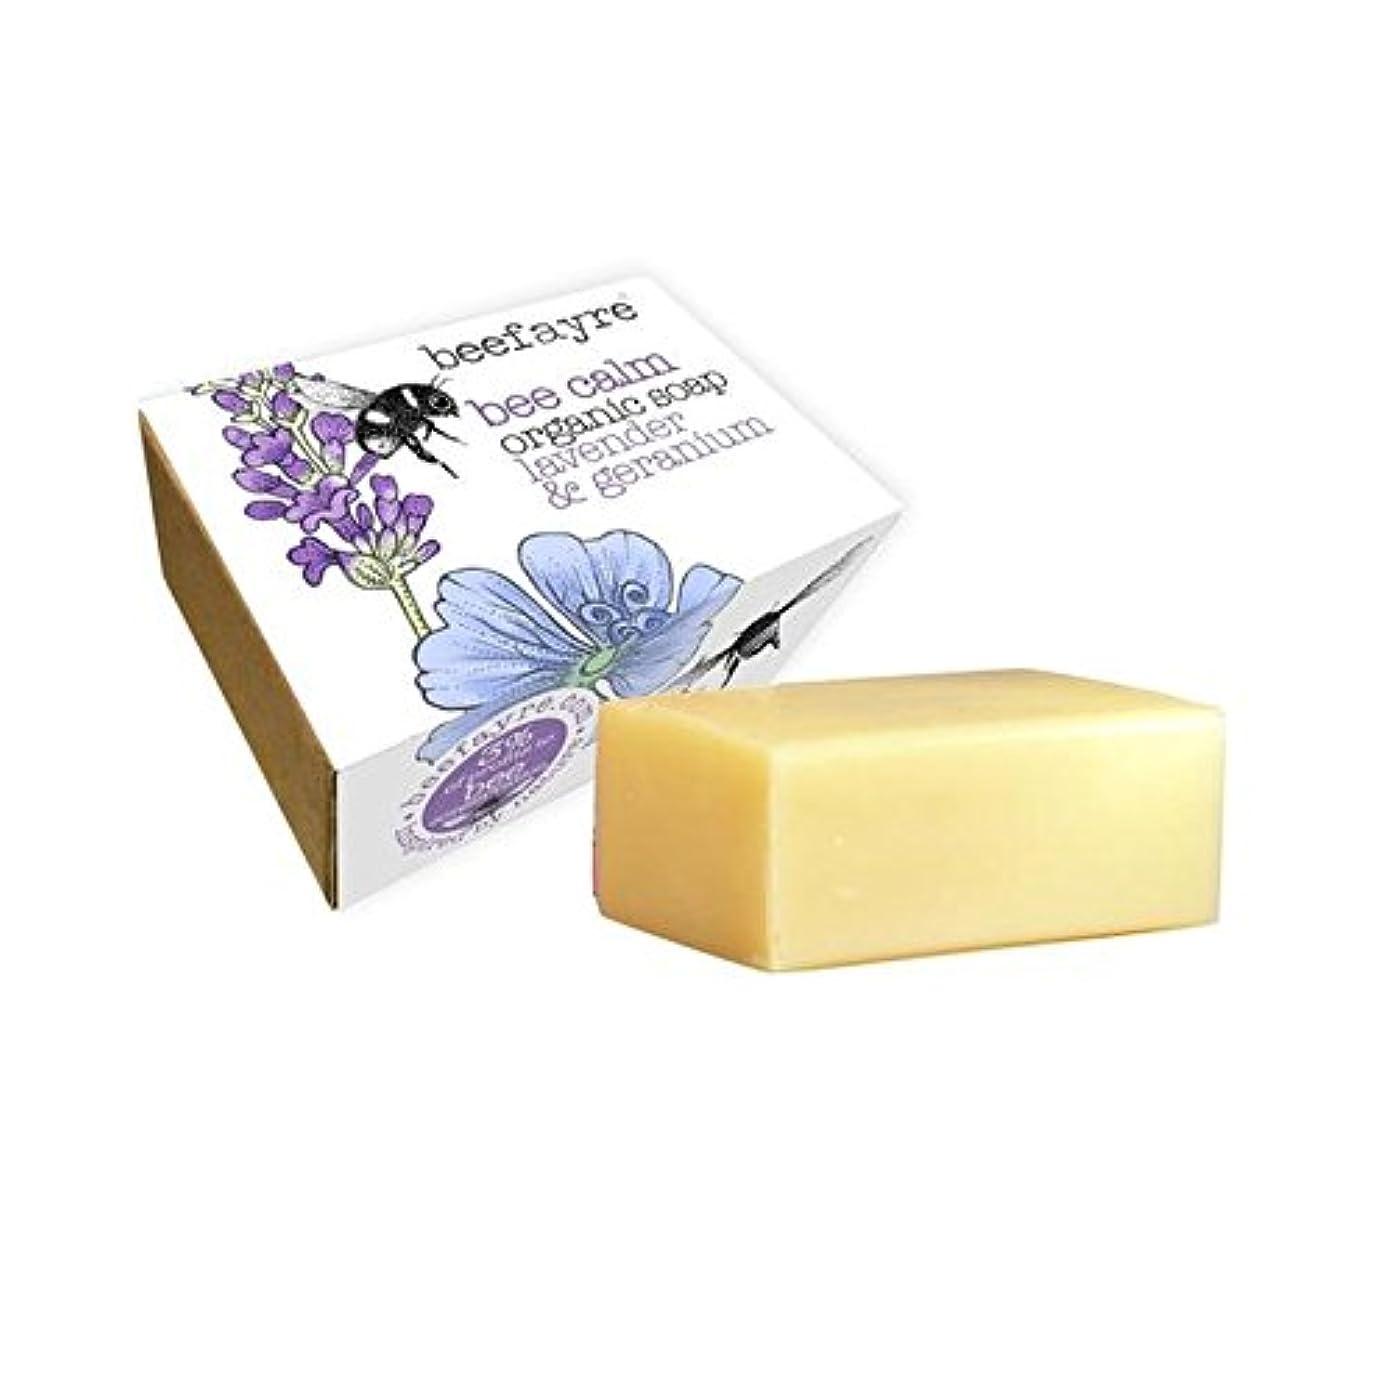 変形する逸話おっと有機ゼラニウム&ラベンダー石鹸 x2 - Beefayre Organic Geranium & Lavender Soap (Pack of 2) [並行輸入品]